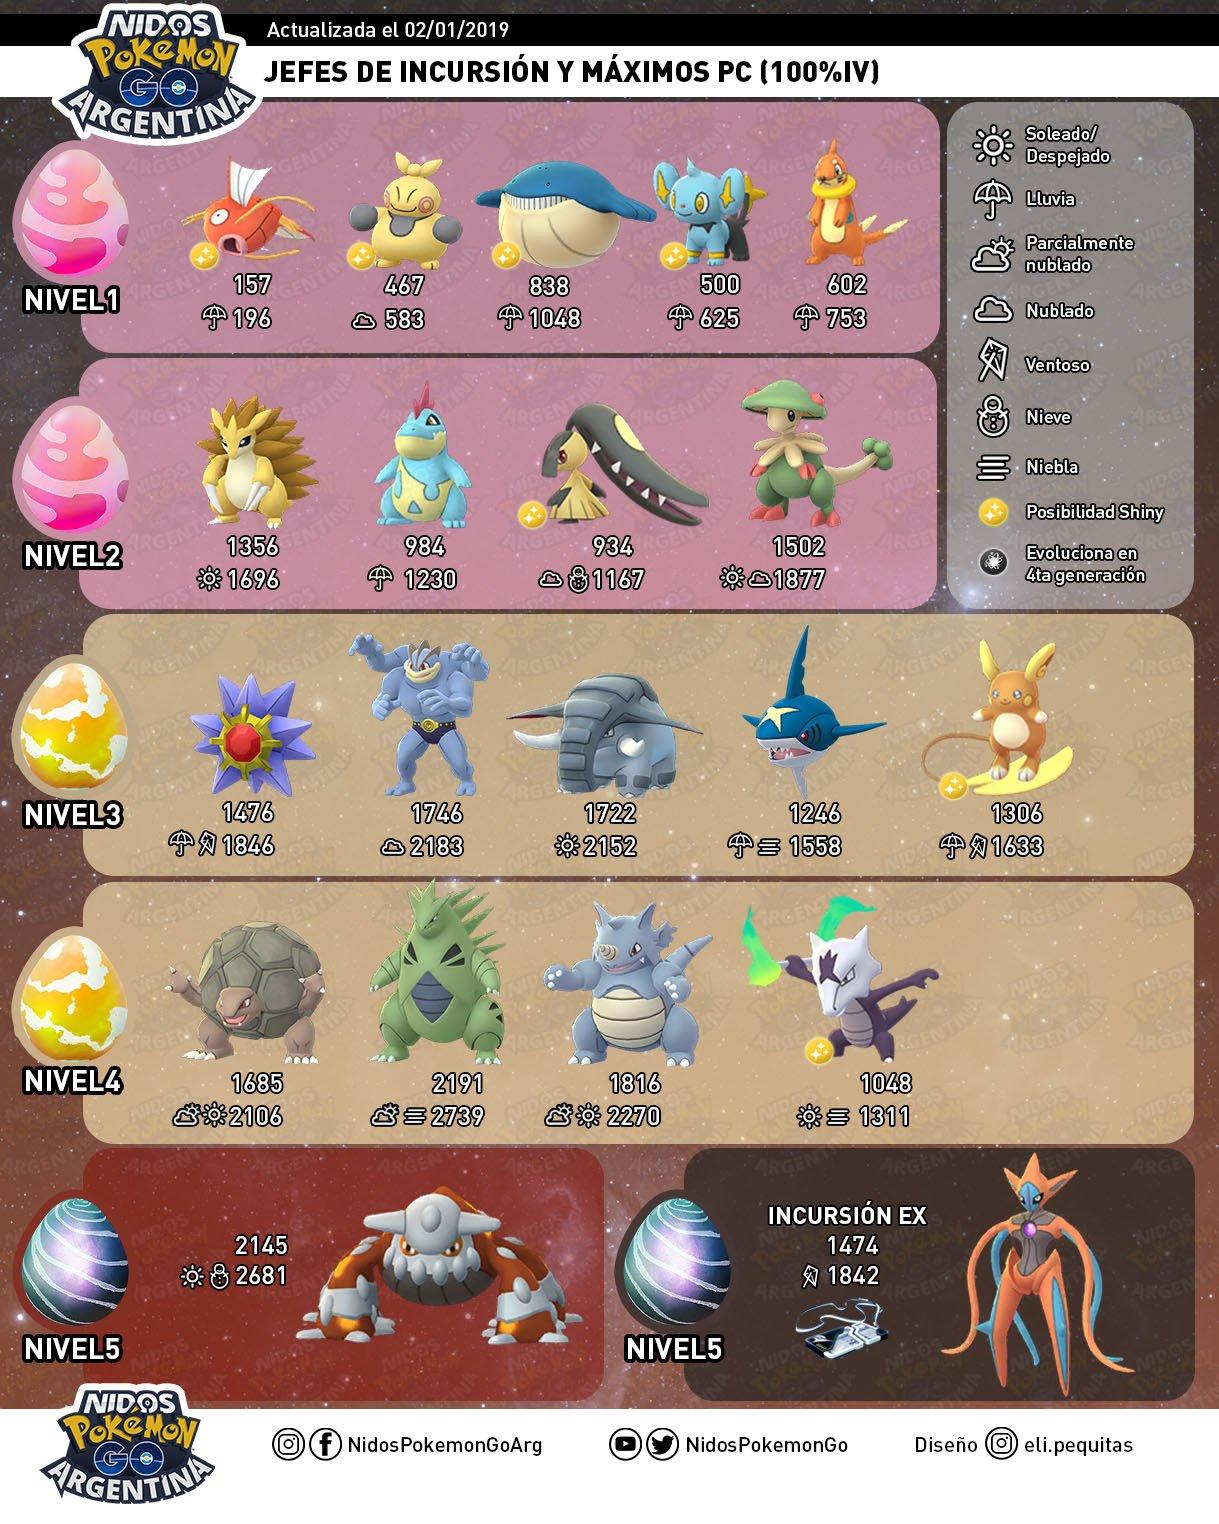 Imagen de Nidos Pokémon GO Argentina con las incursiones Enero 2019